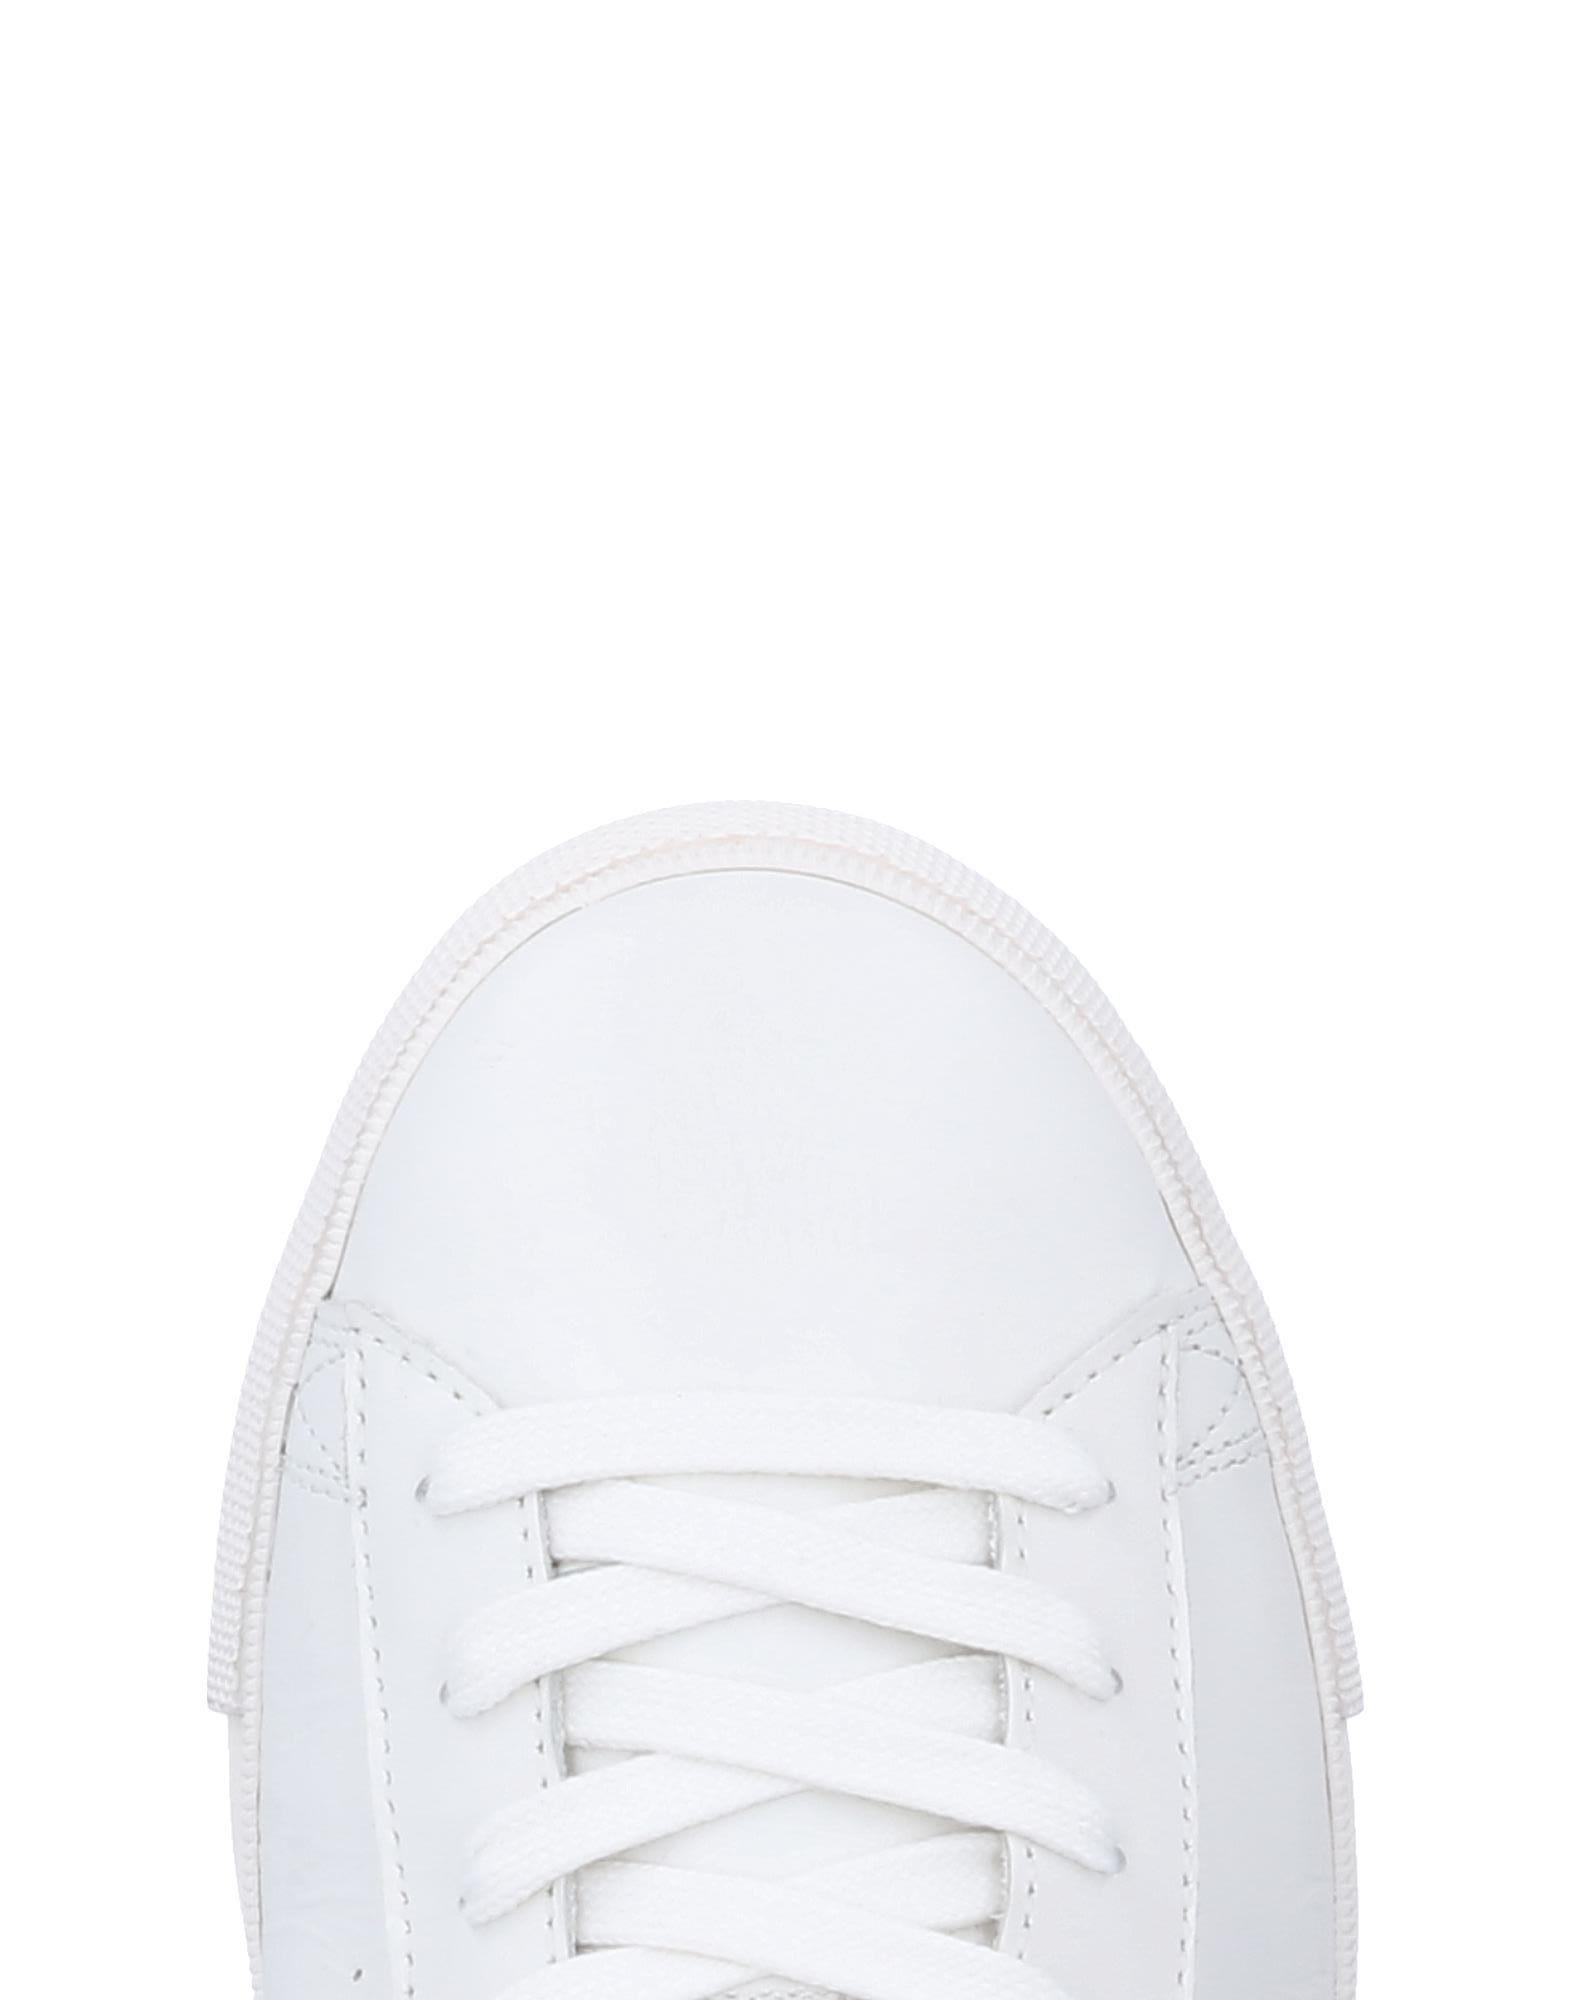 Rabatt echte  Schuhe Pony Sneakers Herren  echte 11489206KR 3c7cdf